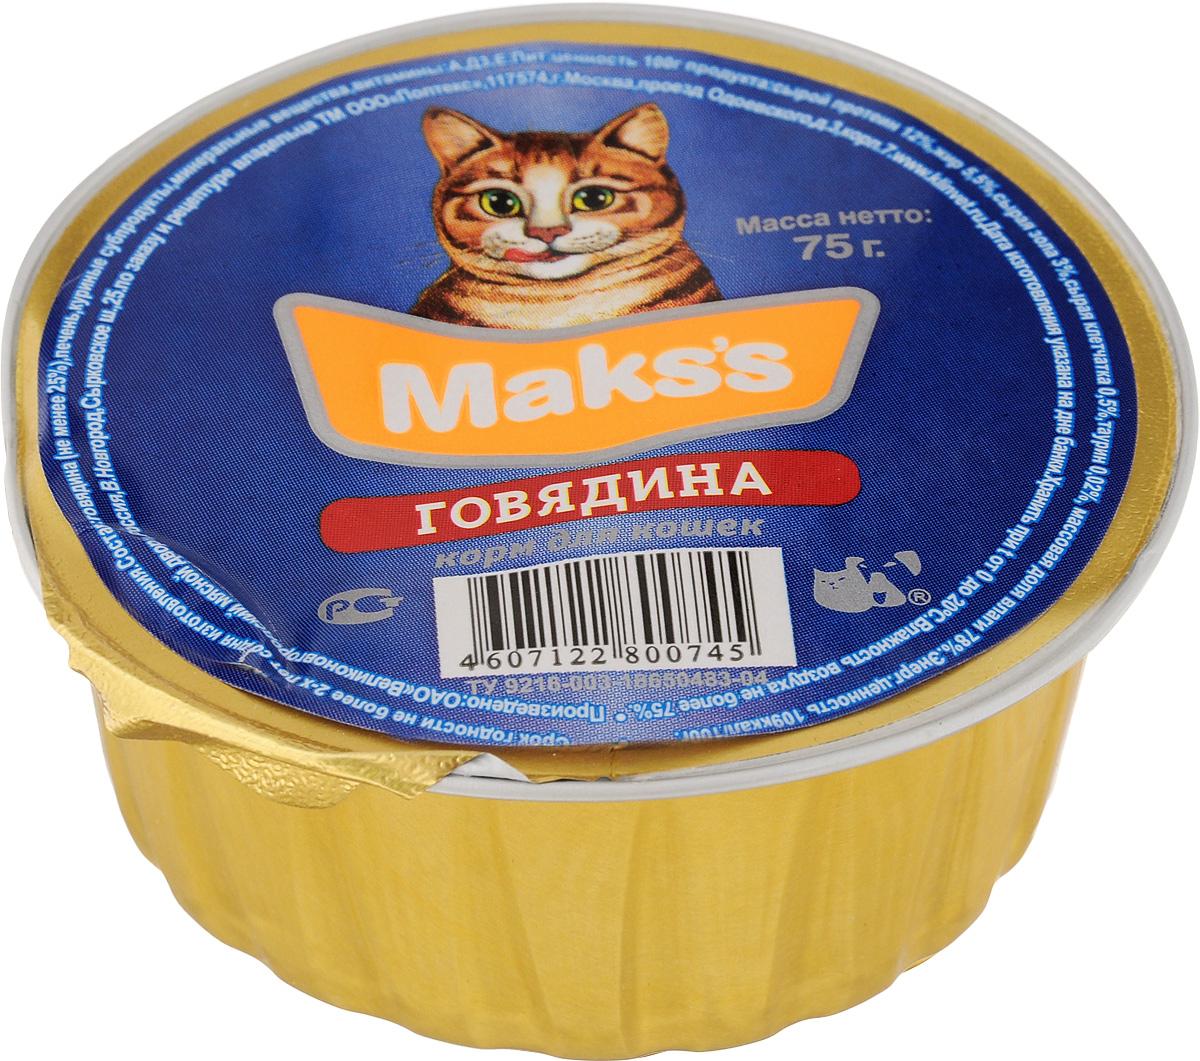 Консервы для кошек Makss, говядина, 75 г0745Консервированный корм Makss - это сбалансированное и полнорационное питание, которое обеспечит вашего питомца необходимыми белками, жирами, витаминами и микроэлементами. Корм разработан на основе мяса говядины. Говядина содержит полноценные белки, необходимые для нормального роста и развития. Удобная одноразовая упаковка сохраняет корм свежим и позволяет контролировать порцию потребления. Состав: говядина (не менее 25%), печень, куриные субпродукты, минеральные вещества, витамины А, D3, Е. Питательная ценность 100 г продукта: сырой протеин 12%, жир 5,5%, сырая зола 3%, сырая клетчатка 0,5%, таурин 0,02%, массовая доля влаги 78%. Товар сертифицирован.